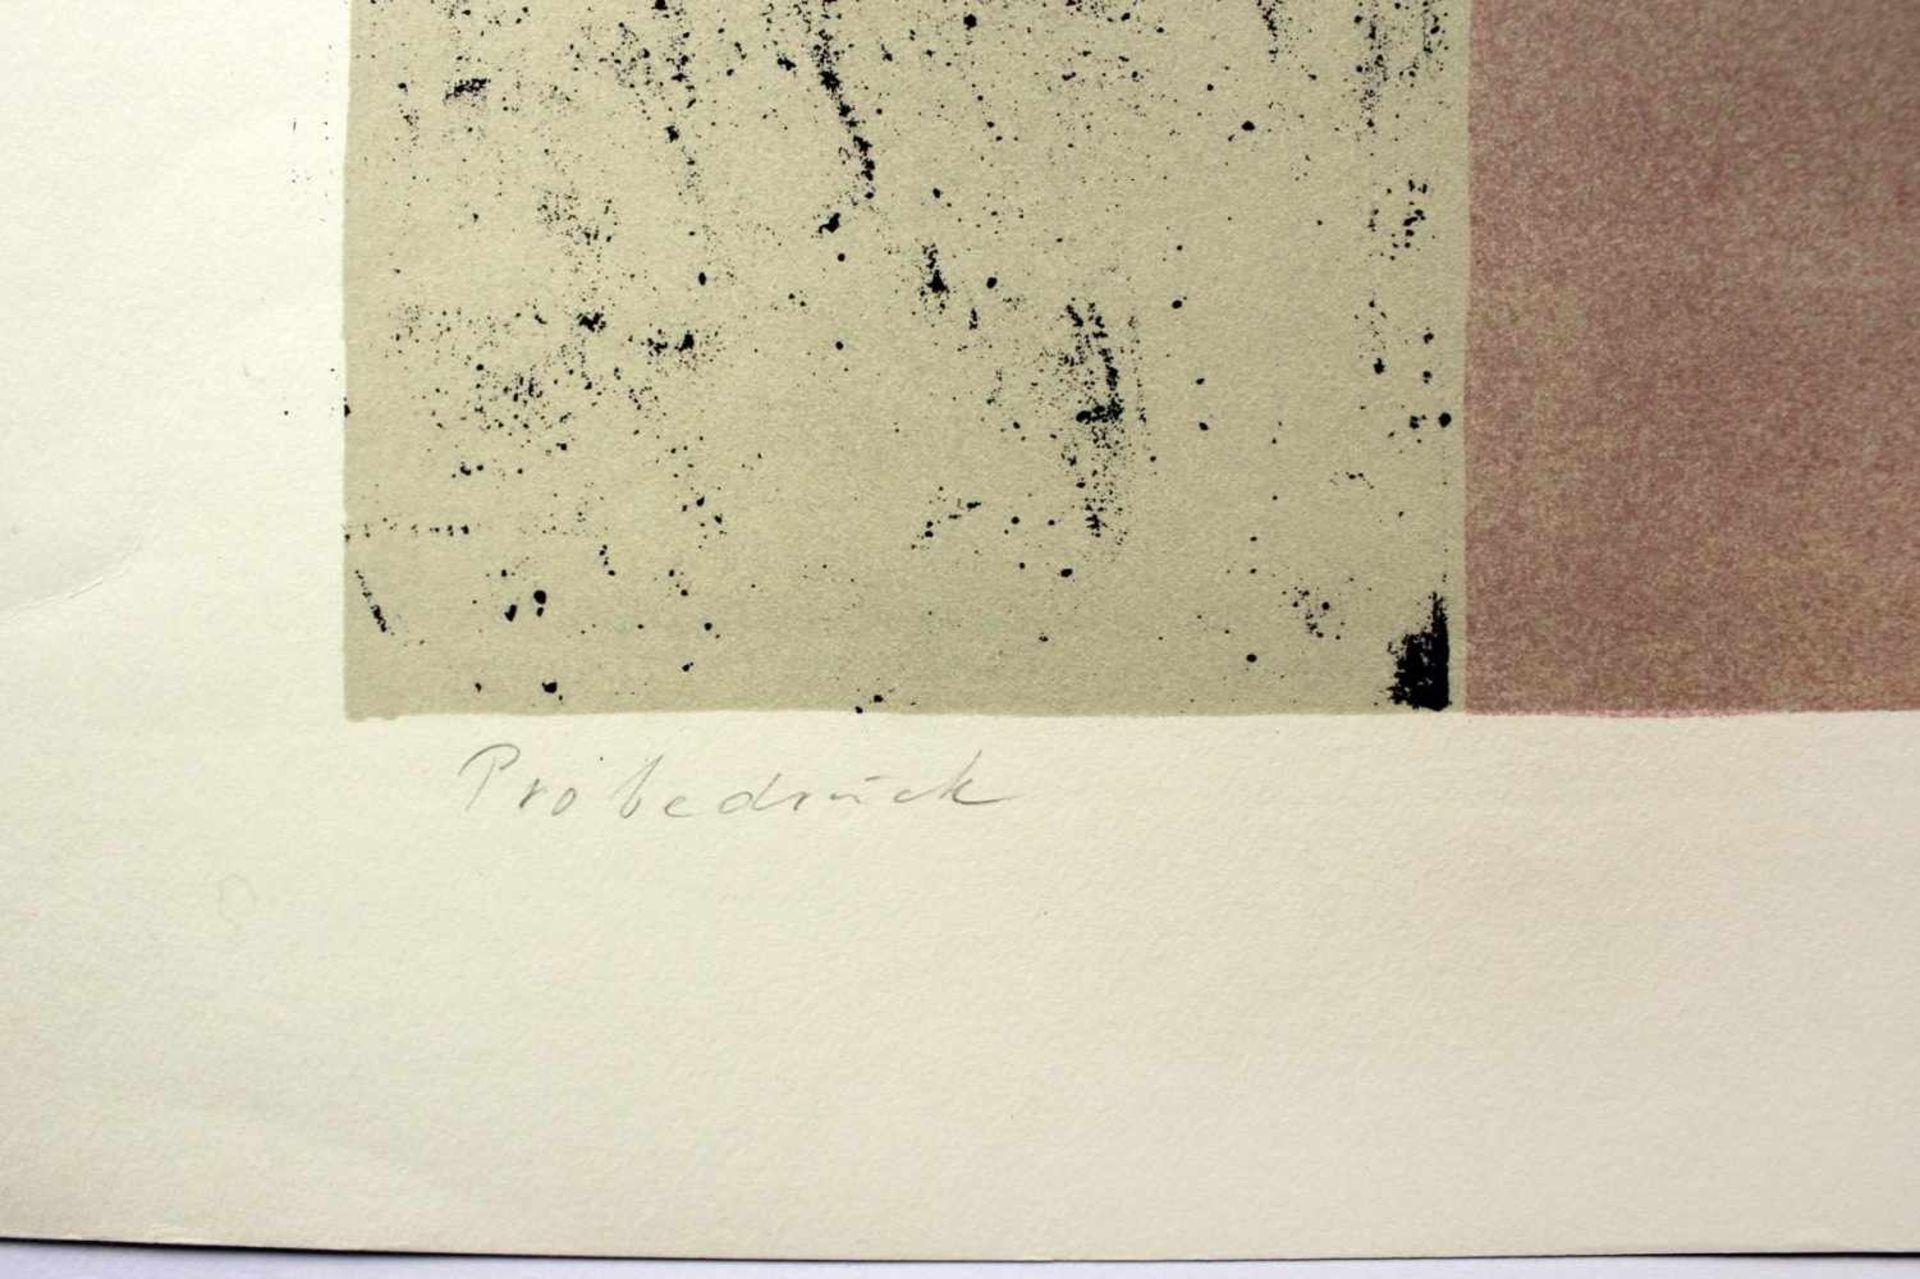 Karl Korab geb. 1937 o.T. 1972 Farblithographie handsigniert, Probedruck 45 x 62,5 cm - Bild 3 aus 3